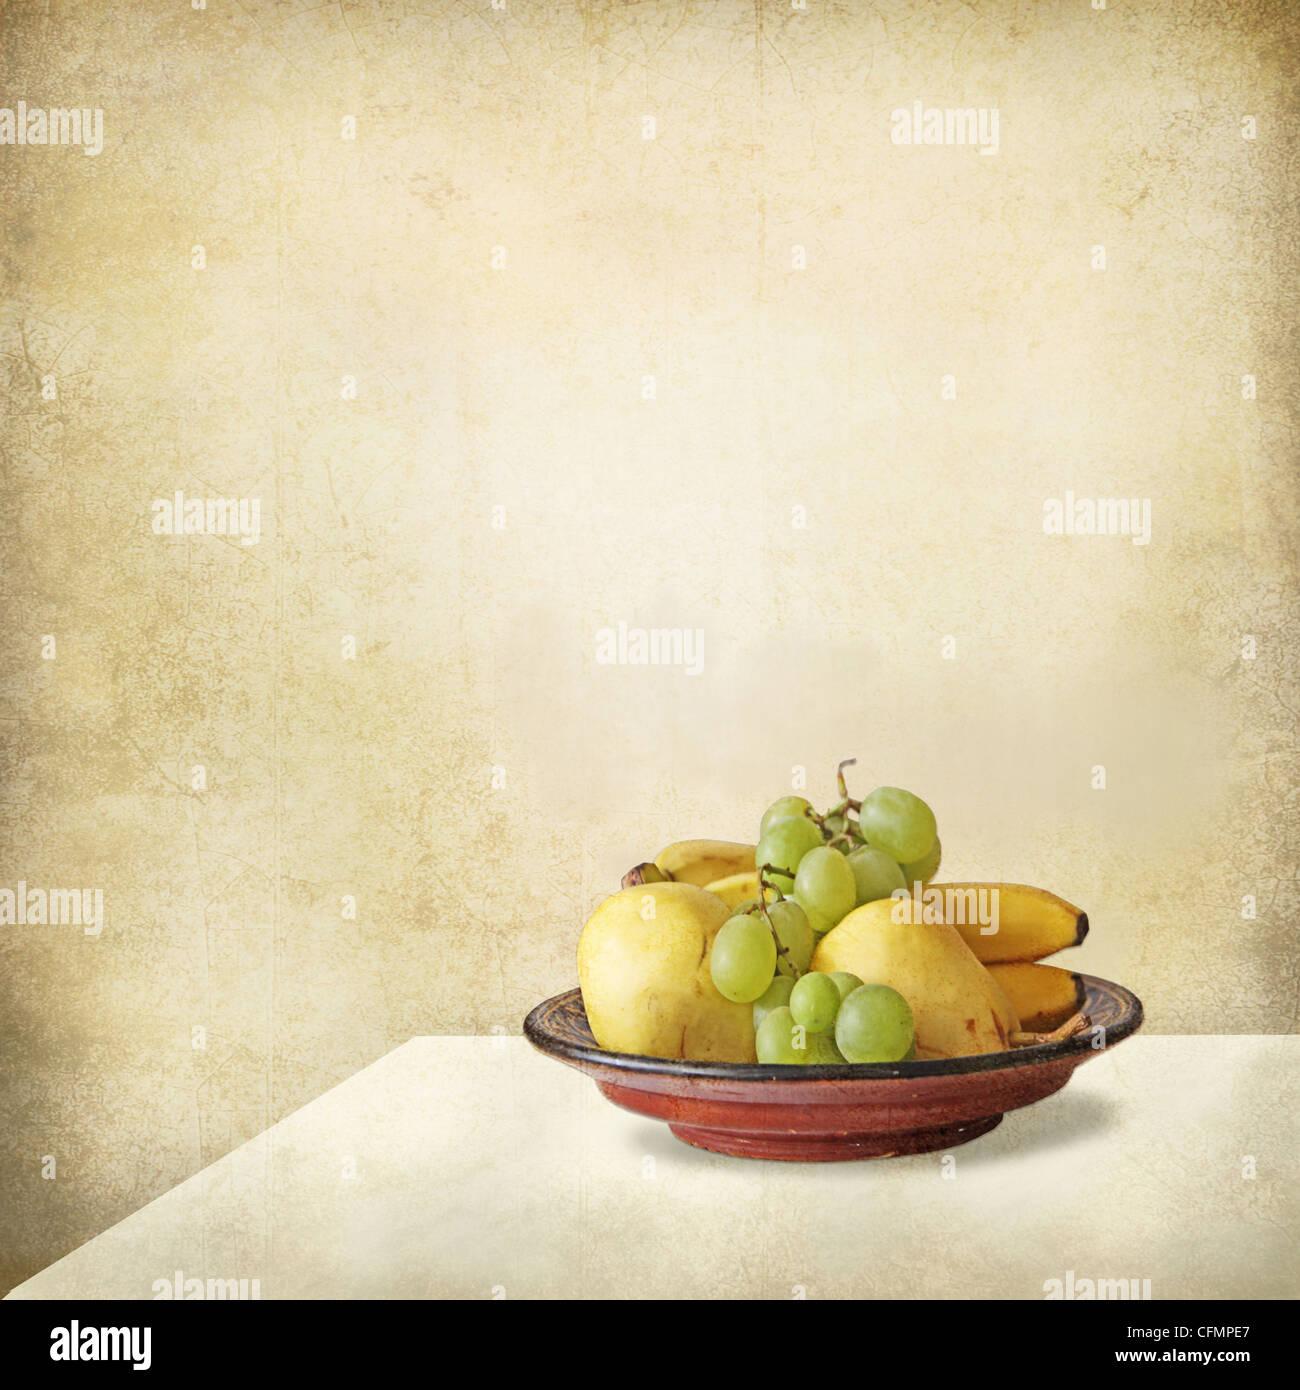 Grunge Stillleben mit einem hellen Interieur, ein Tisch und ein Tablett voller Früchte, Trauben, Bananen, Birnen. Stockfoto